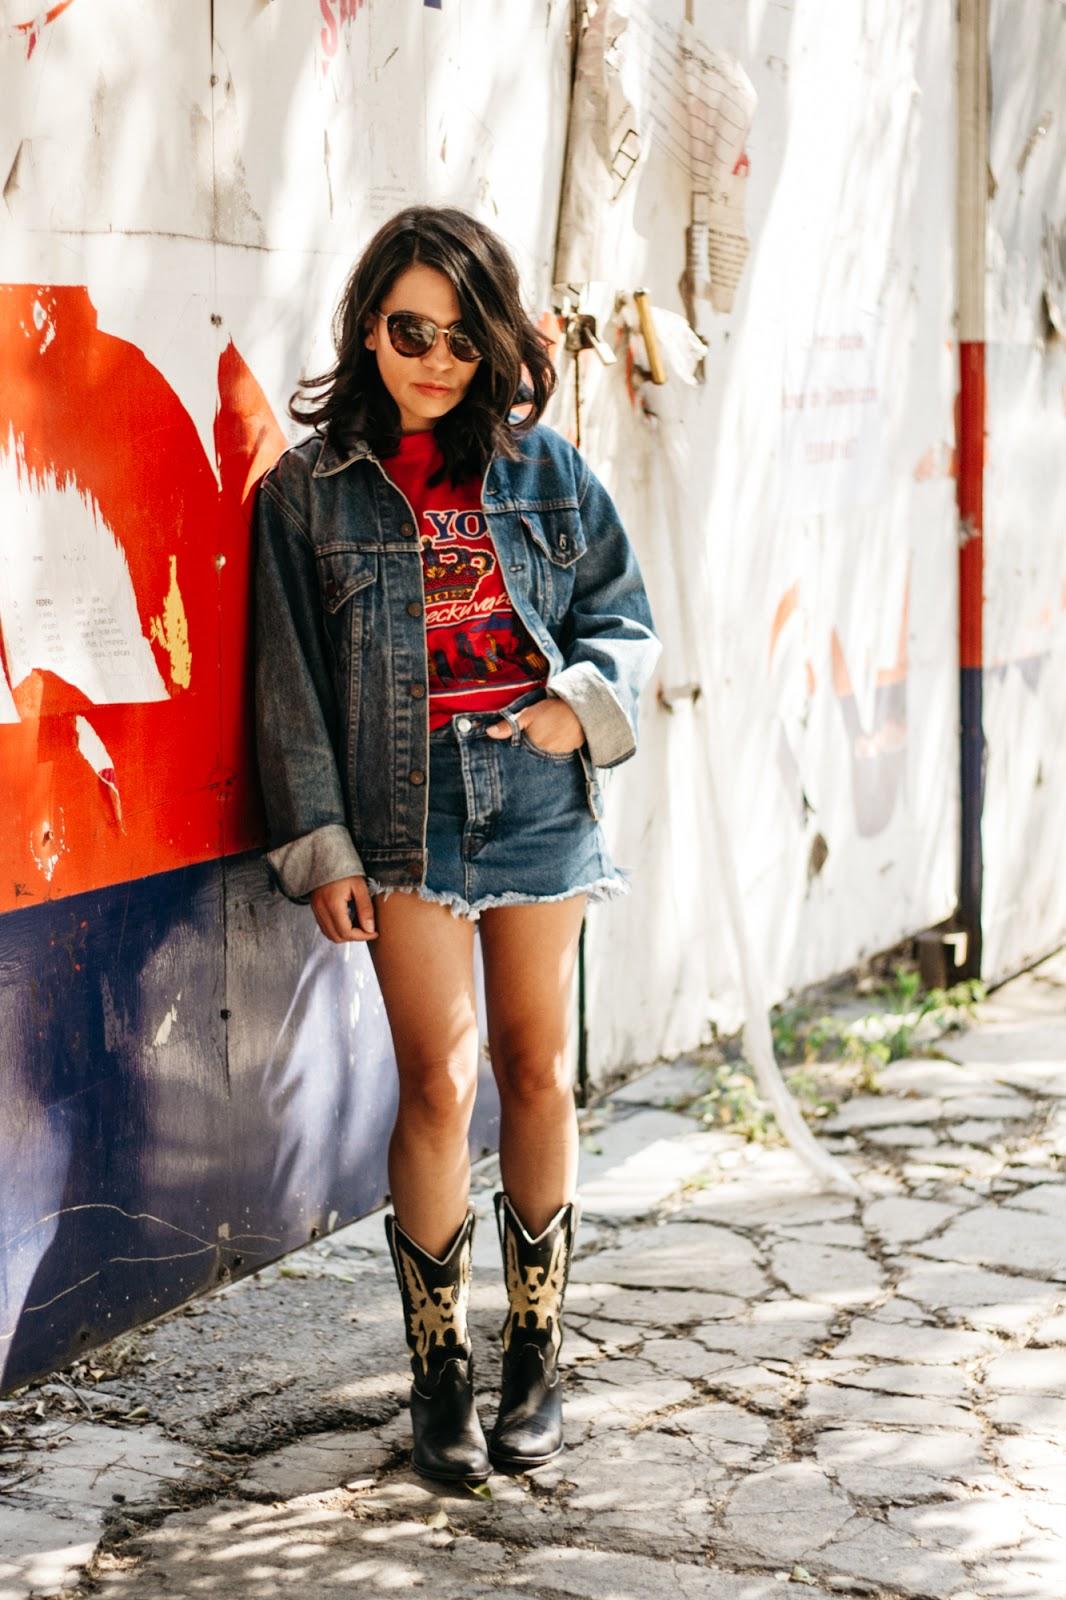 992f31324 Jacket: Kyama. Skirt: Mango. Boots: Rapsodia. T-Shirt: Void. Sunglasses:  Chanel.